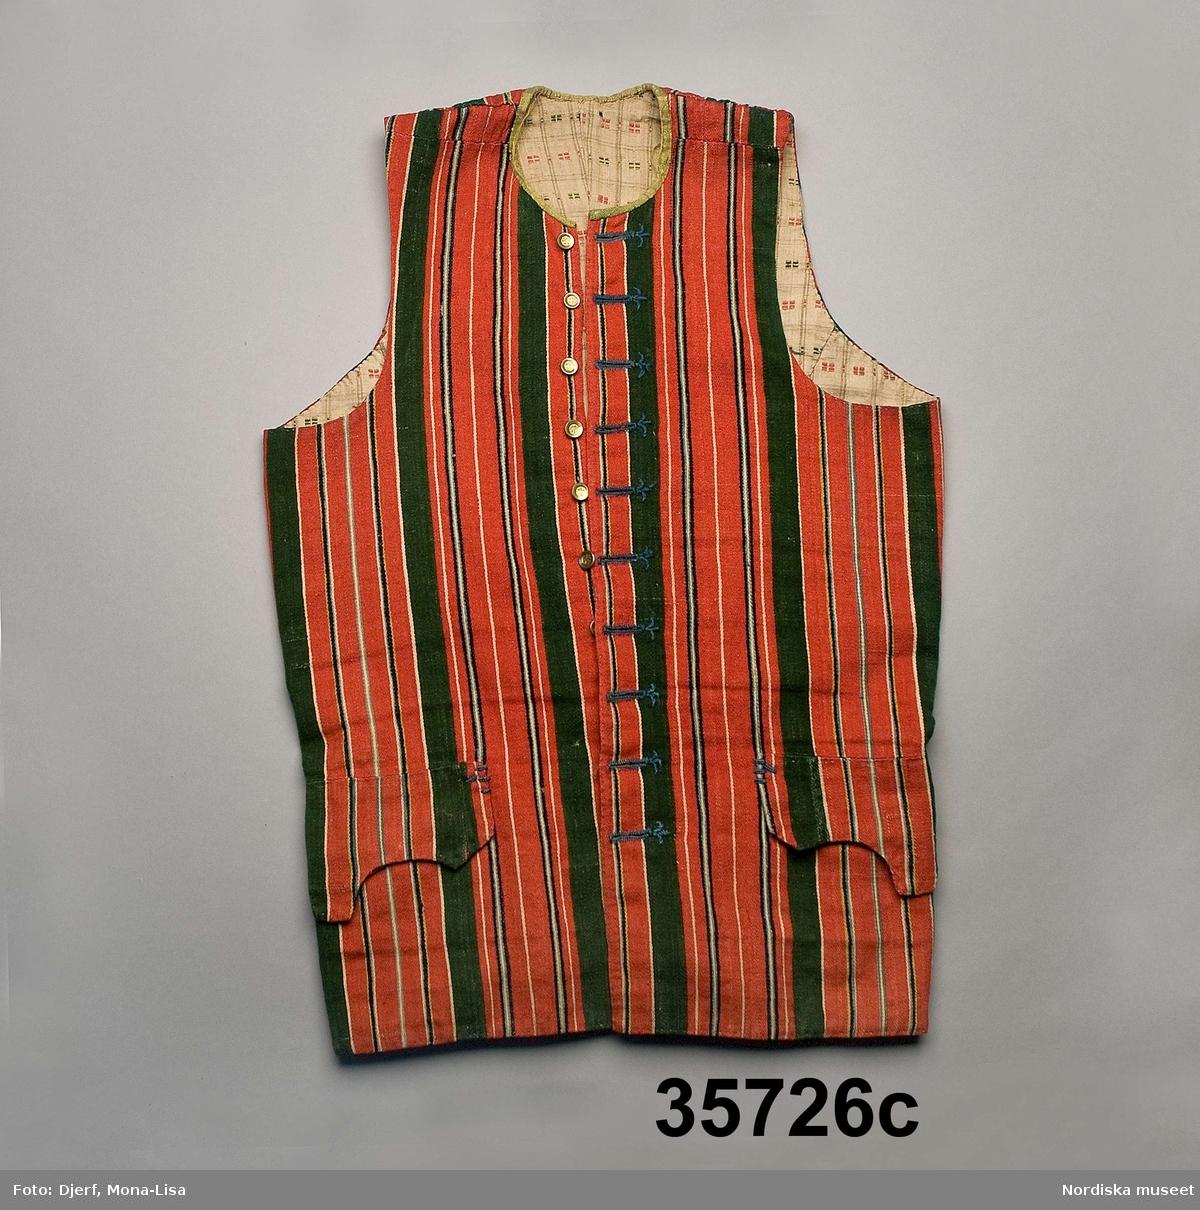 """Huvudliggaren (år 1883): """"35.726 Brudgumsdräkt fr. Toarps sn. Ås hd. Västergötland. a. Blå långrock, med broderi i silke. b. Röd toppmössa; till mössan hör en tofs i toppen. c. Väst, troligen begagnad som tröja. d. Blå knäbyxor. e. Strumpeband. Till banden höra runda tofsar. 'Dräkten är från början af detta århundrade.'; Se bref från Södermark 21/5 1883. a. Maläten. d. Maläten. e. Maläten. 'I dräkten saknas: strumpor, hvita eller blå, skor, helst med spännen, bomullshalsduk, skjorta.' Se bref från Södermark af den 22/5 1883. G. af handlanden Oscar Vennberg i Borås genom lant [?]kamrer I.A. Södermark i Borås 23/5 1883. Bil. Södermark.""""  b. Toppluva, stickad av rött ullgarn i slätstickning i ett med fodret av vitt ullgarn. Toppigheten bildas genom jämnt fördelade intagningar."""